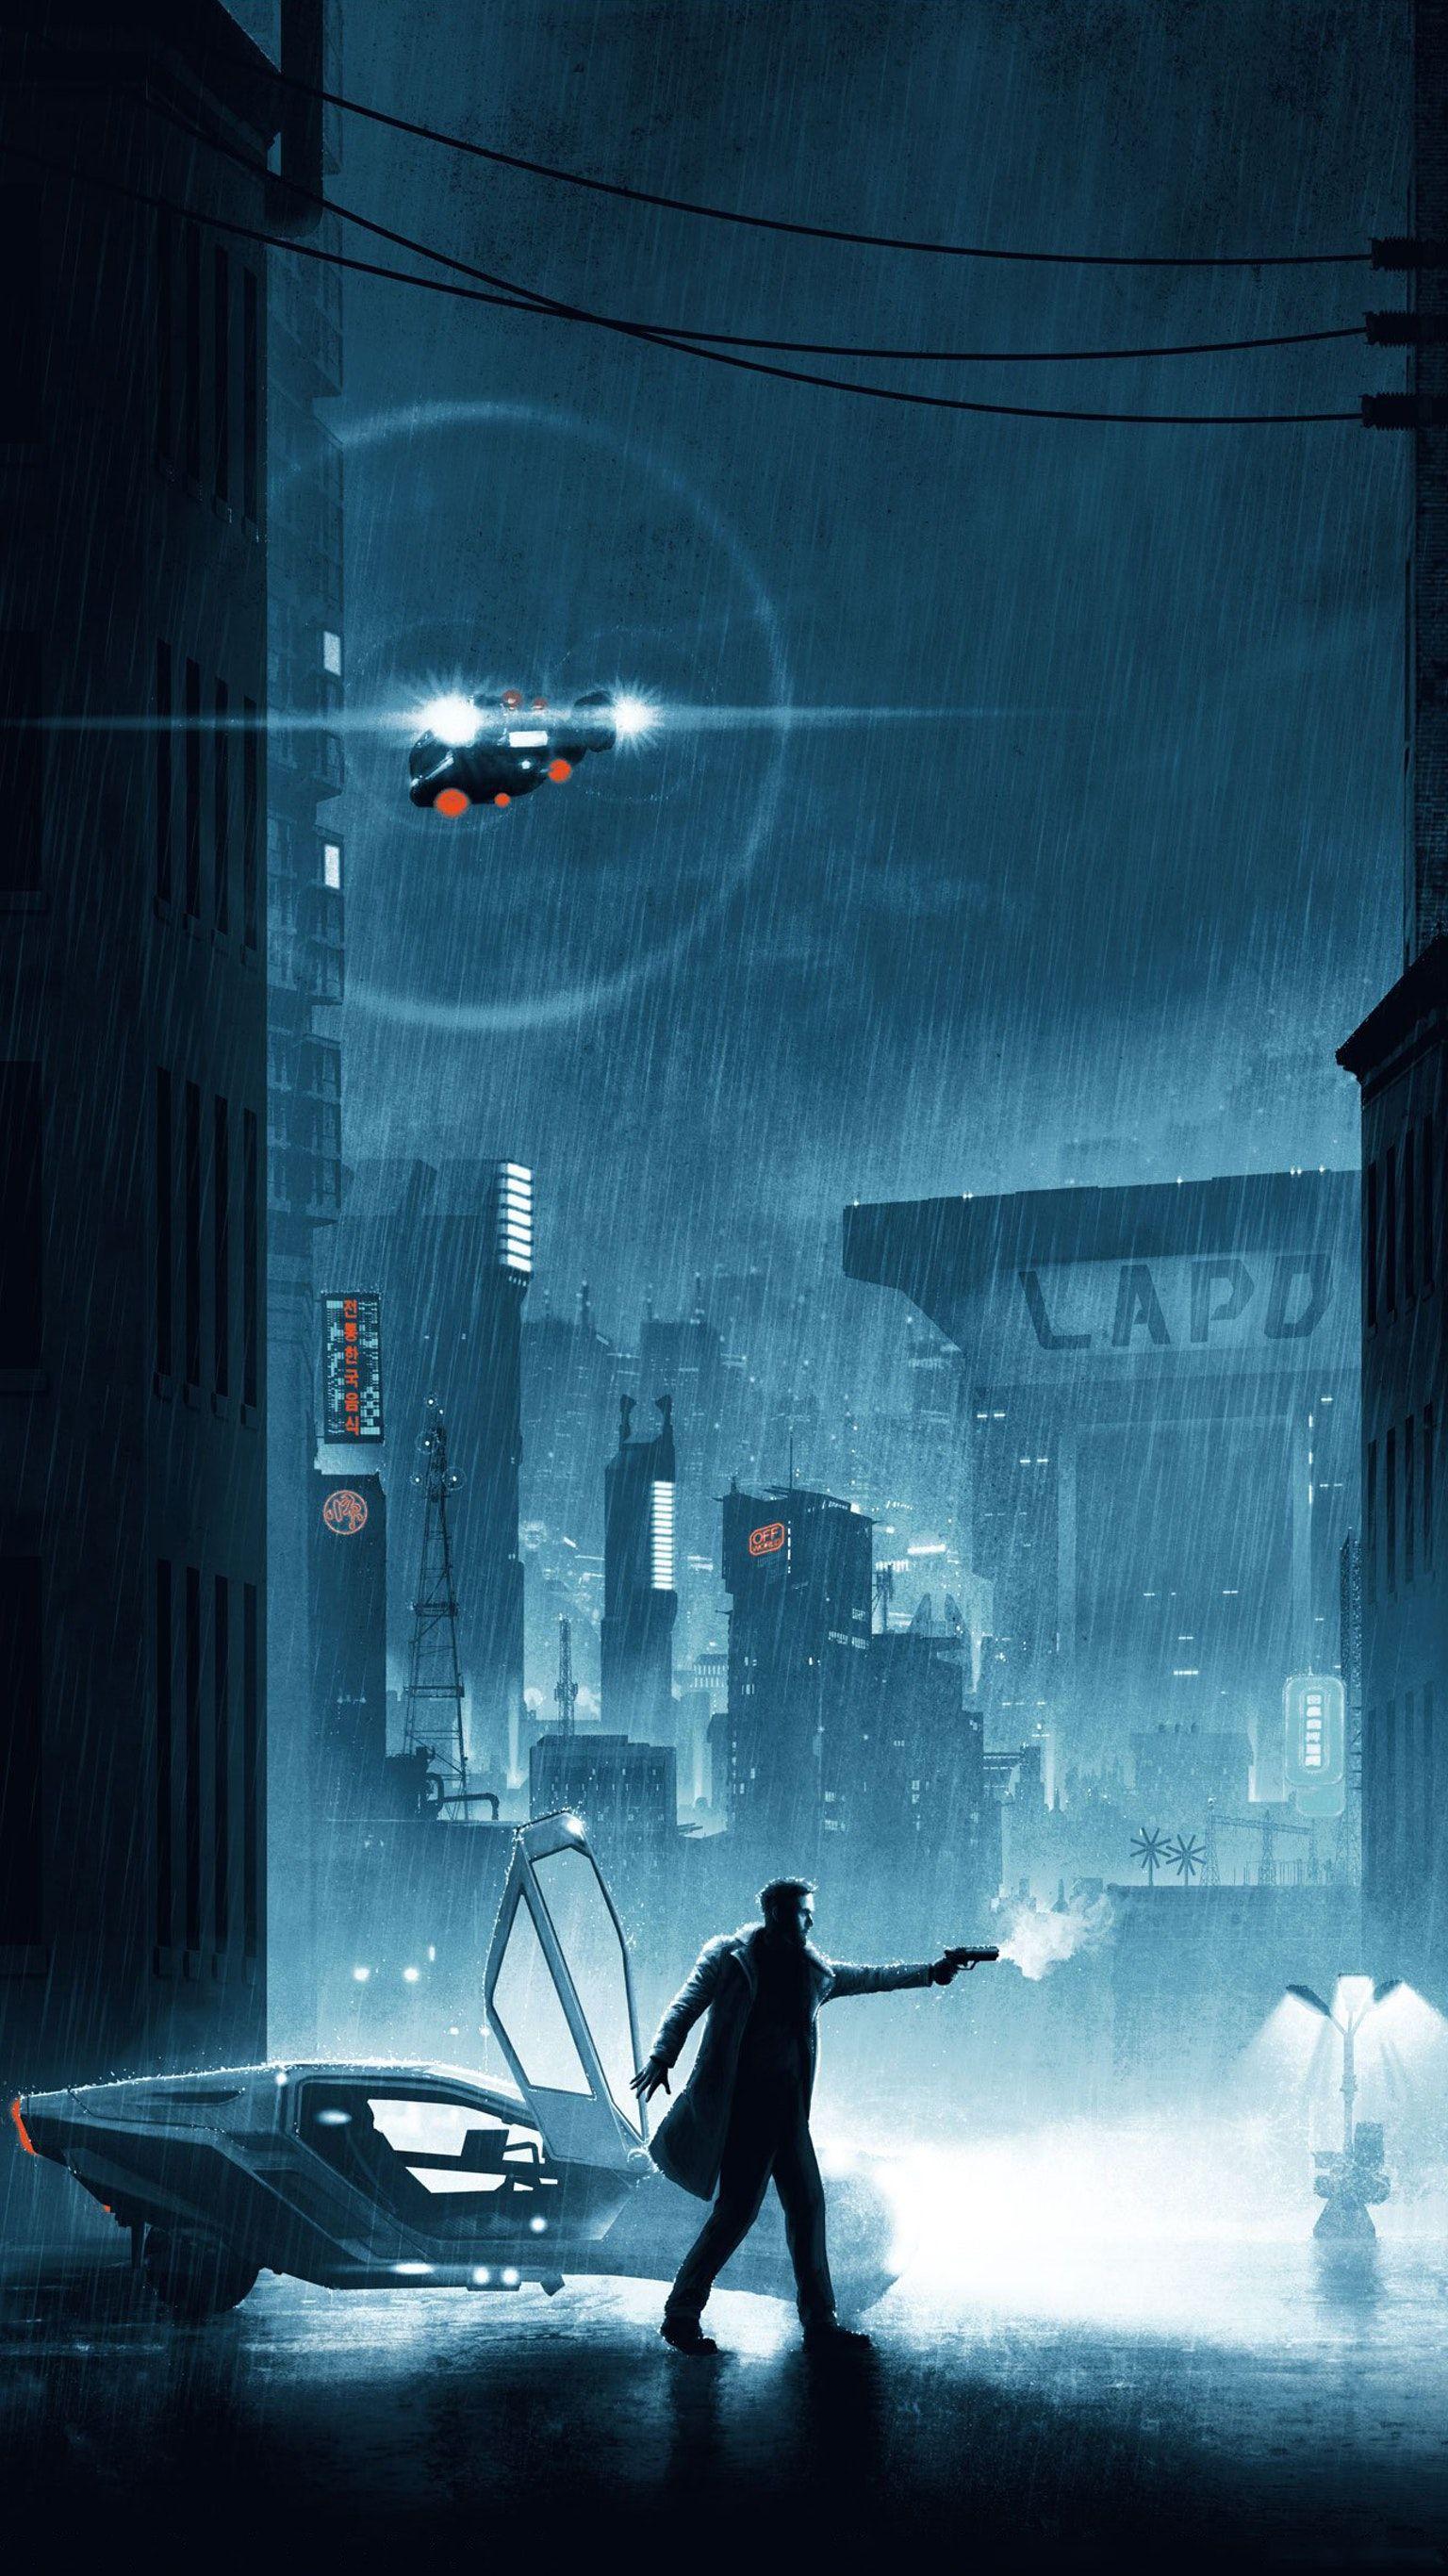 Blade Runner 2049 2017 Phone Wallpaper Poster De Cine Peliculas De Ciencia Ficcion Carteleras De Cine